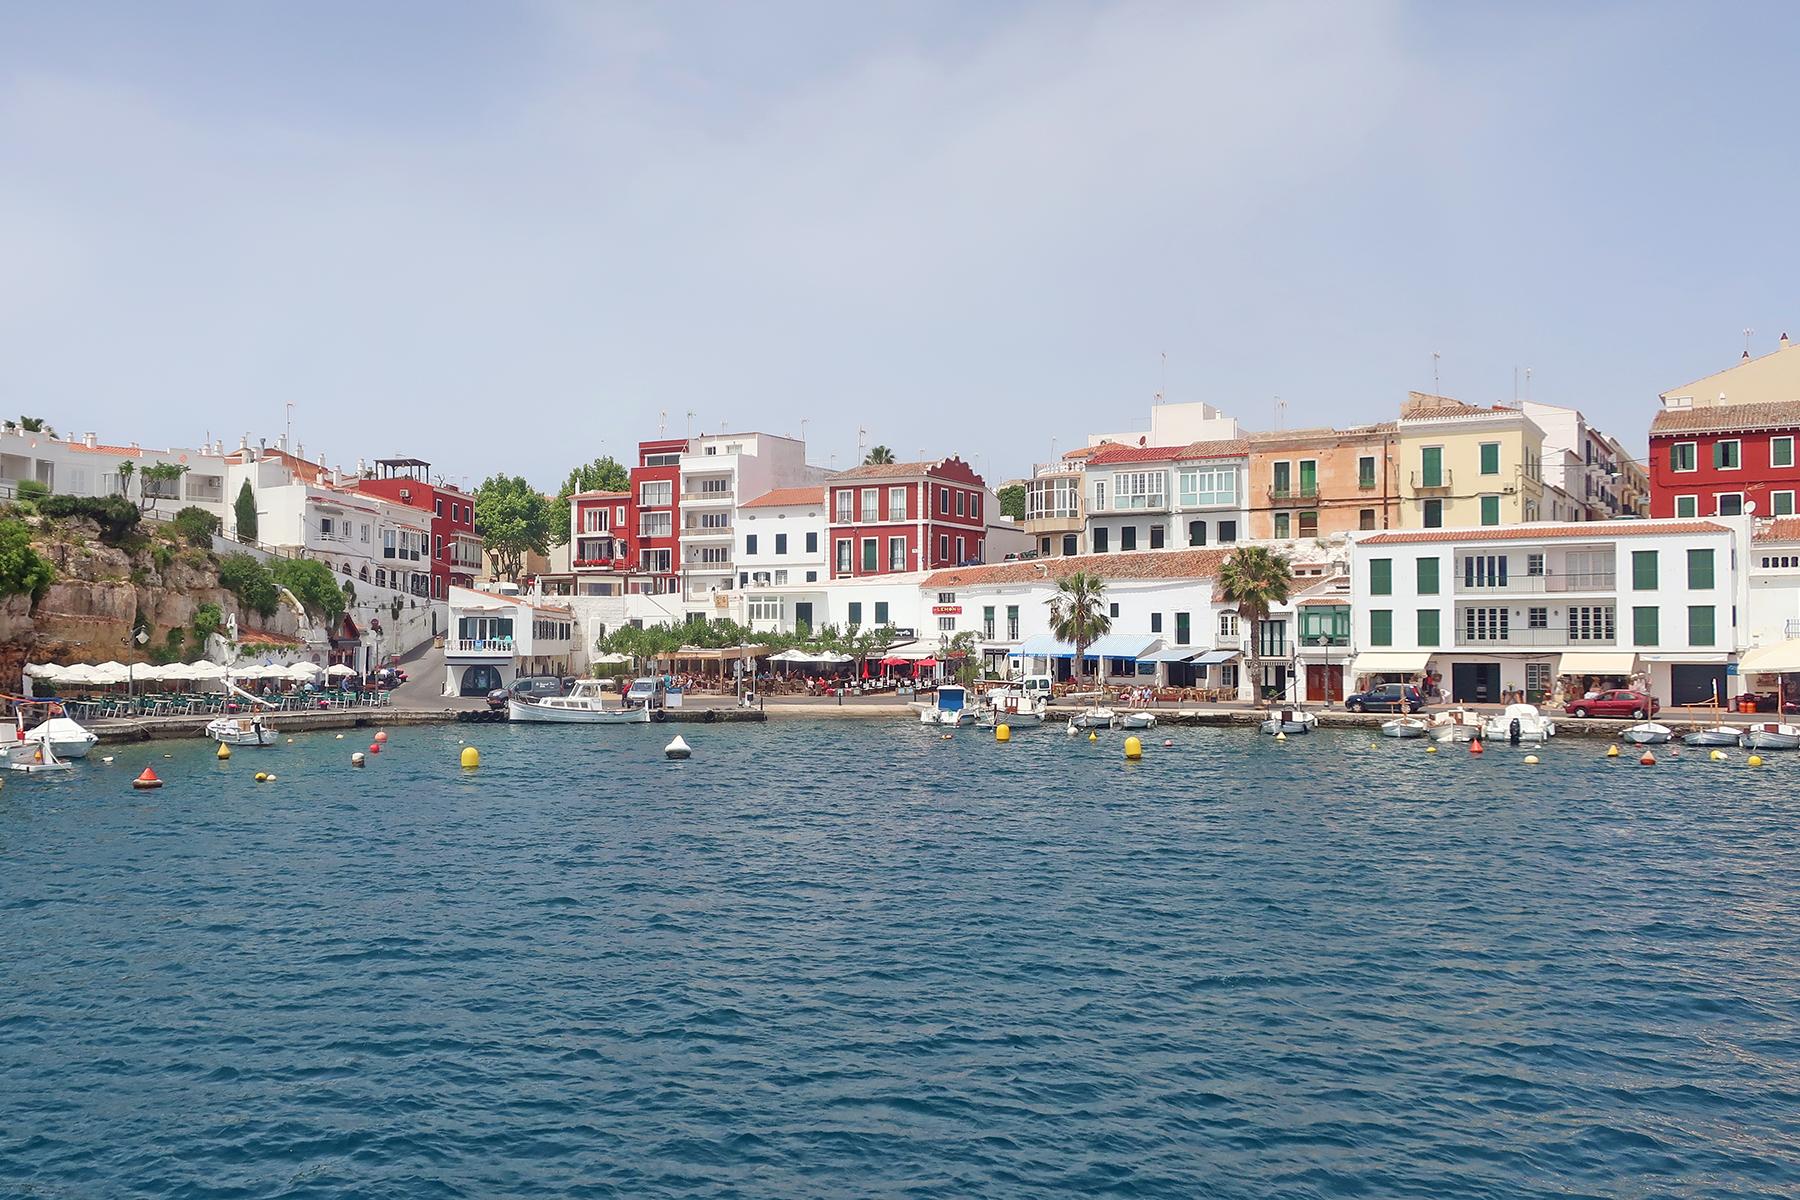 Familienurlaub auf Menorca: 5 Highlights, die Familien auf Menorca erleben müssen